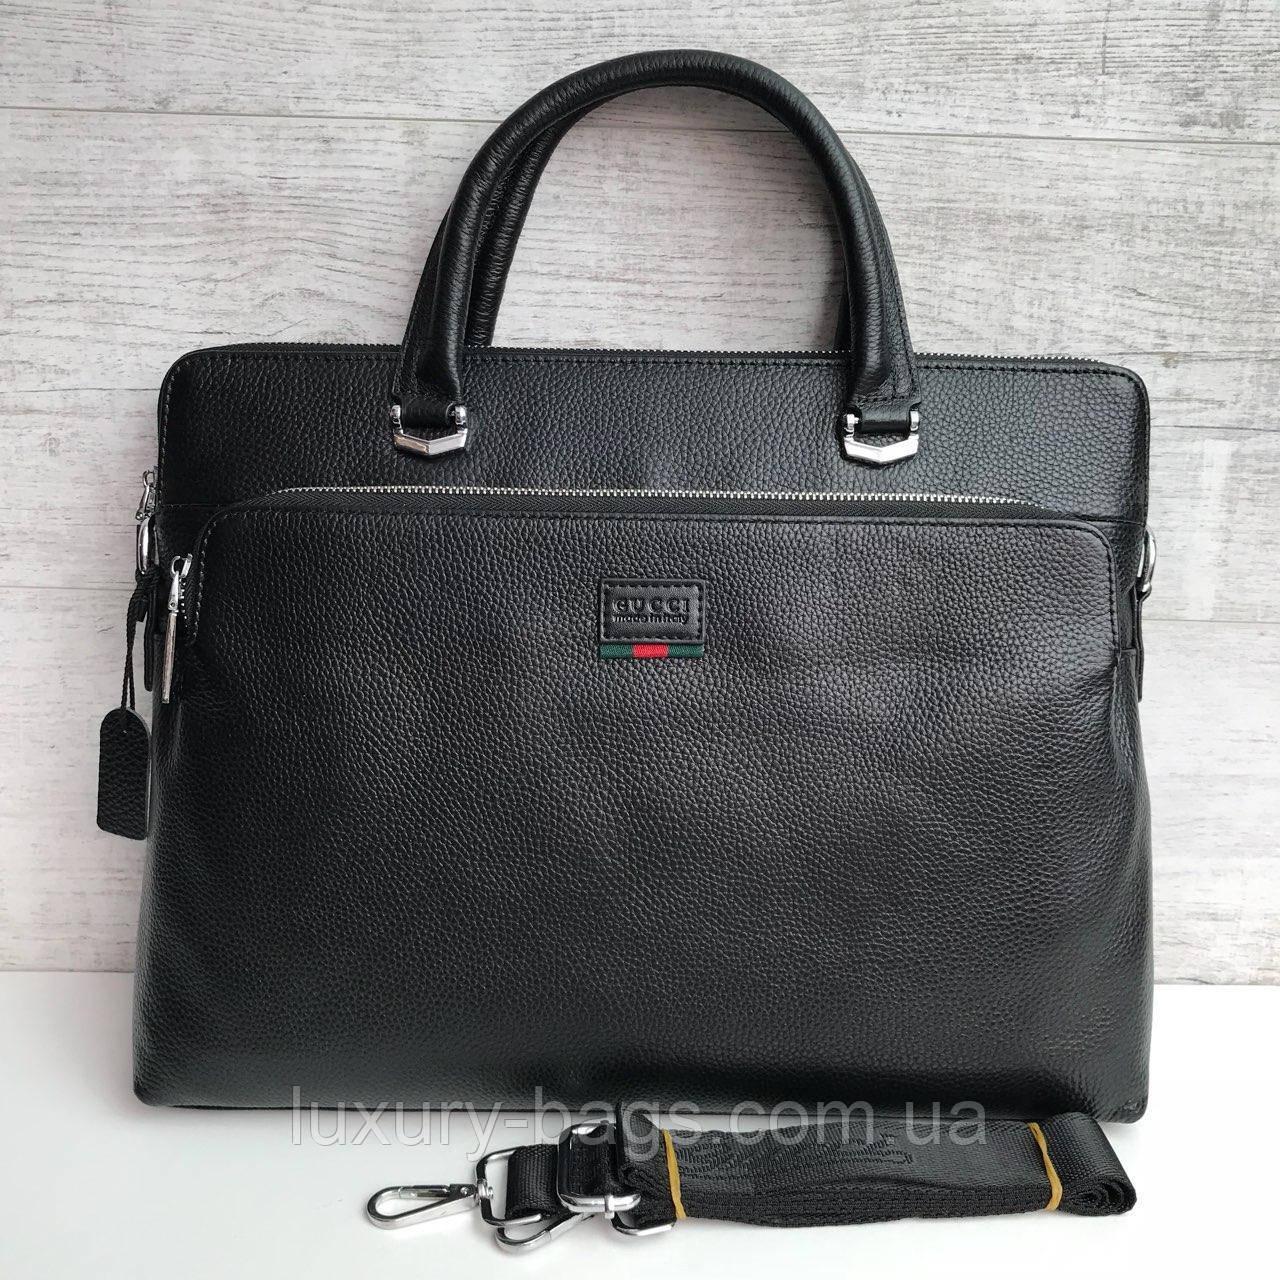 Мужской кожаный деловой портфель Gucci Гуччи